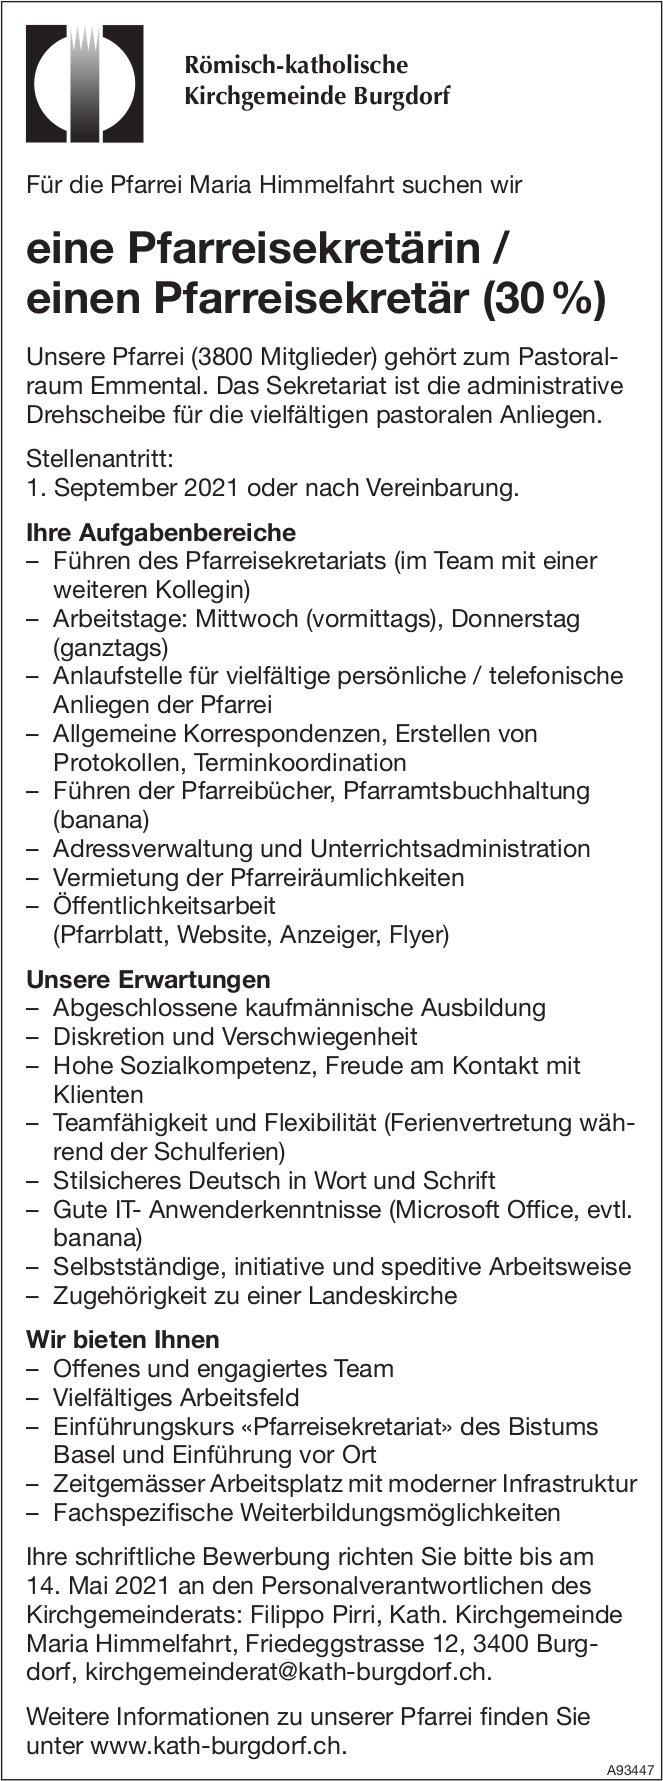 Pfarreisekretärin / Pfarreisekretär (30 %), Römisch-katholische Kirchgemeinde, Burgdorf, gesucht